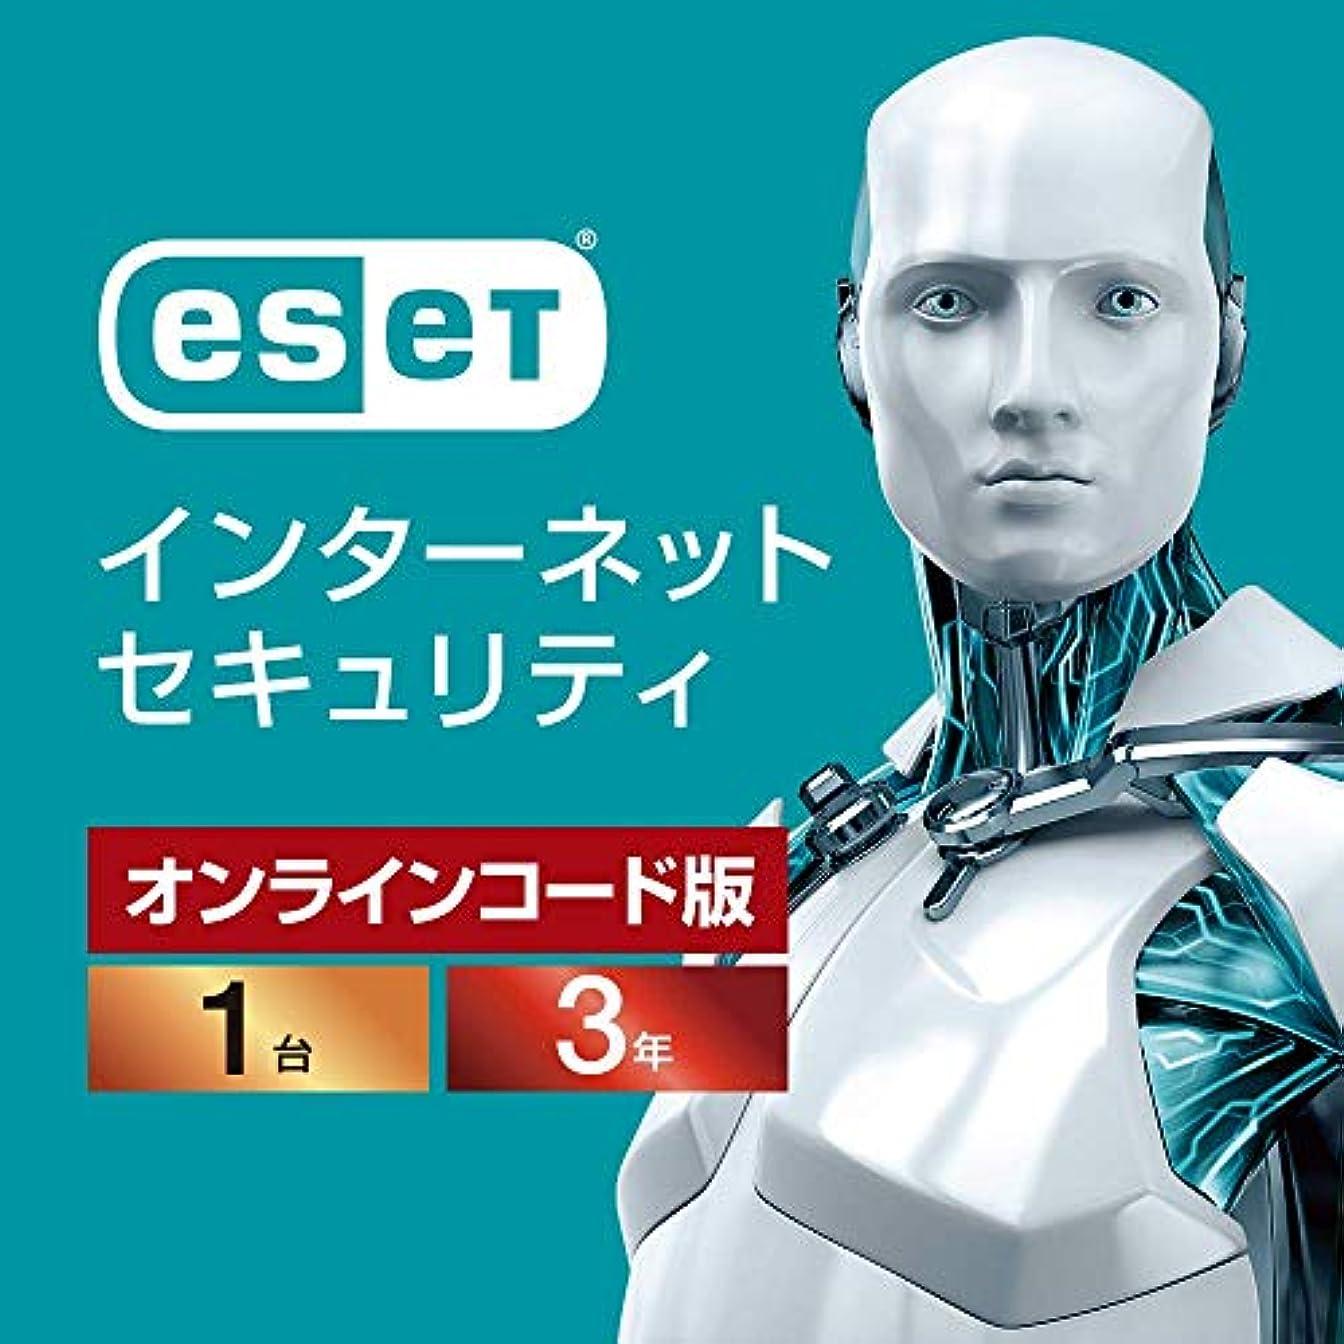 見せます結婚する修正ESET インターネット セキュリティ(最新)|1台3年|オンラインコード版|Win/Mac/Android対応